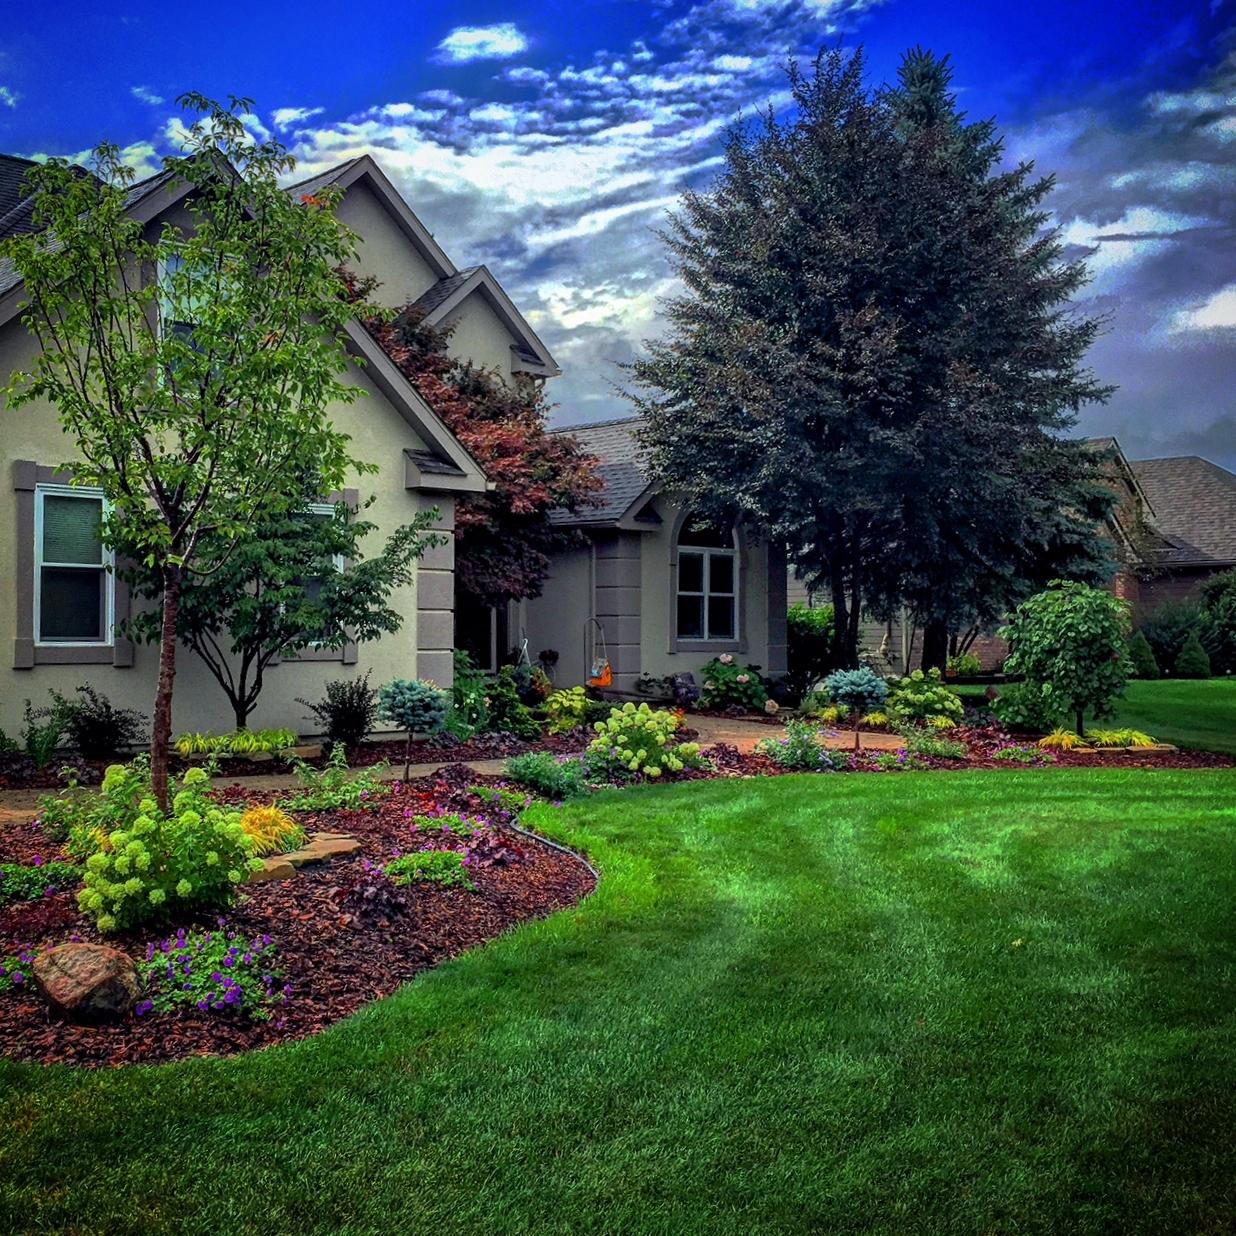 landscaping-ann-arbor-margolis-companies.jpg